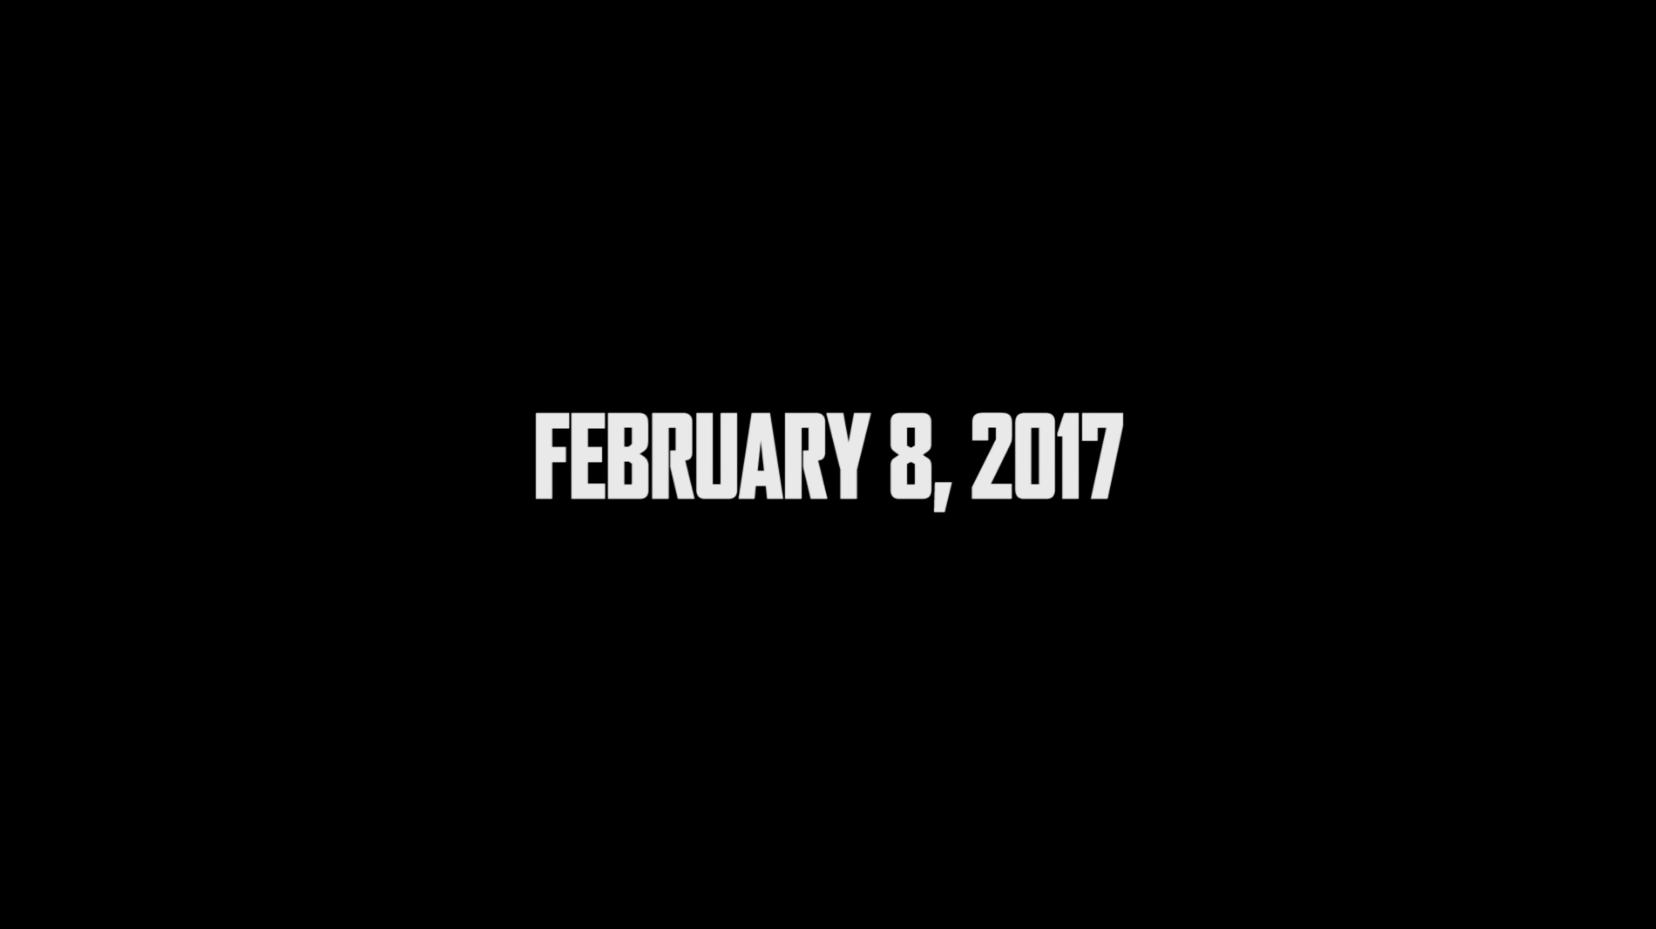 Screen Shot 2017-02-08 at 10.39.51 AM